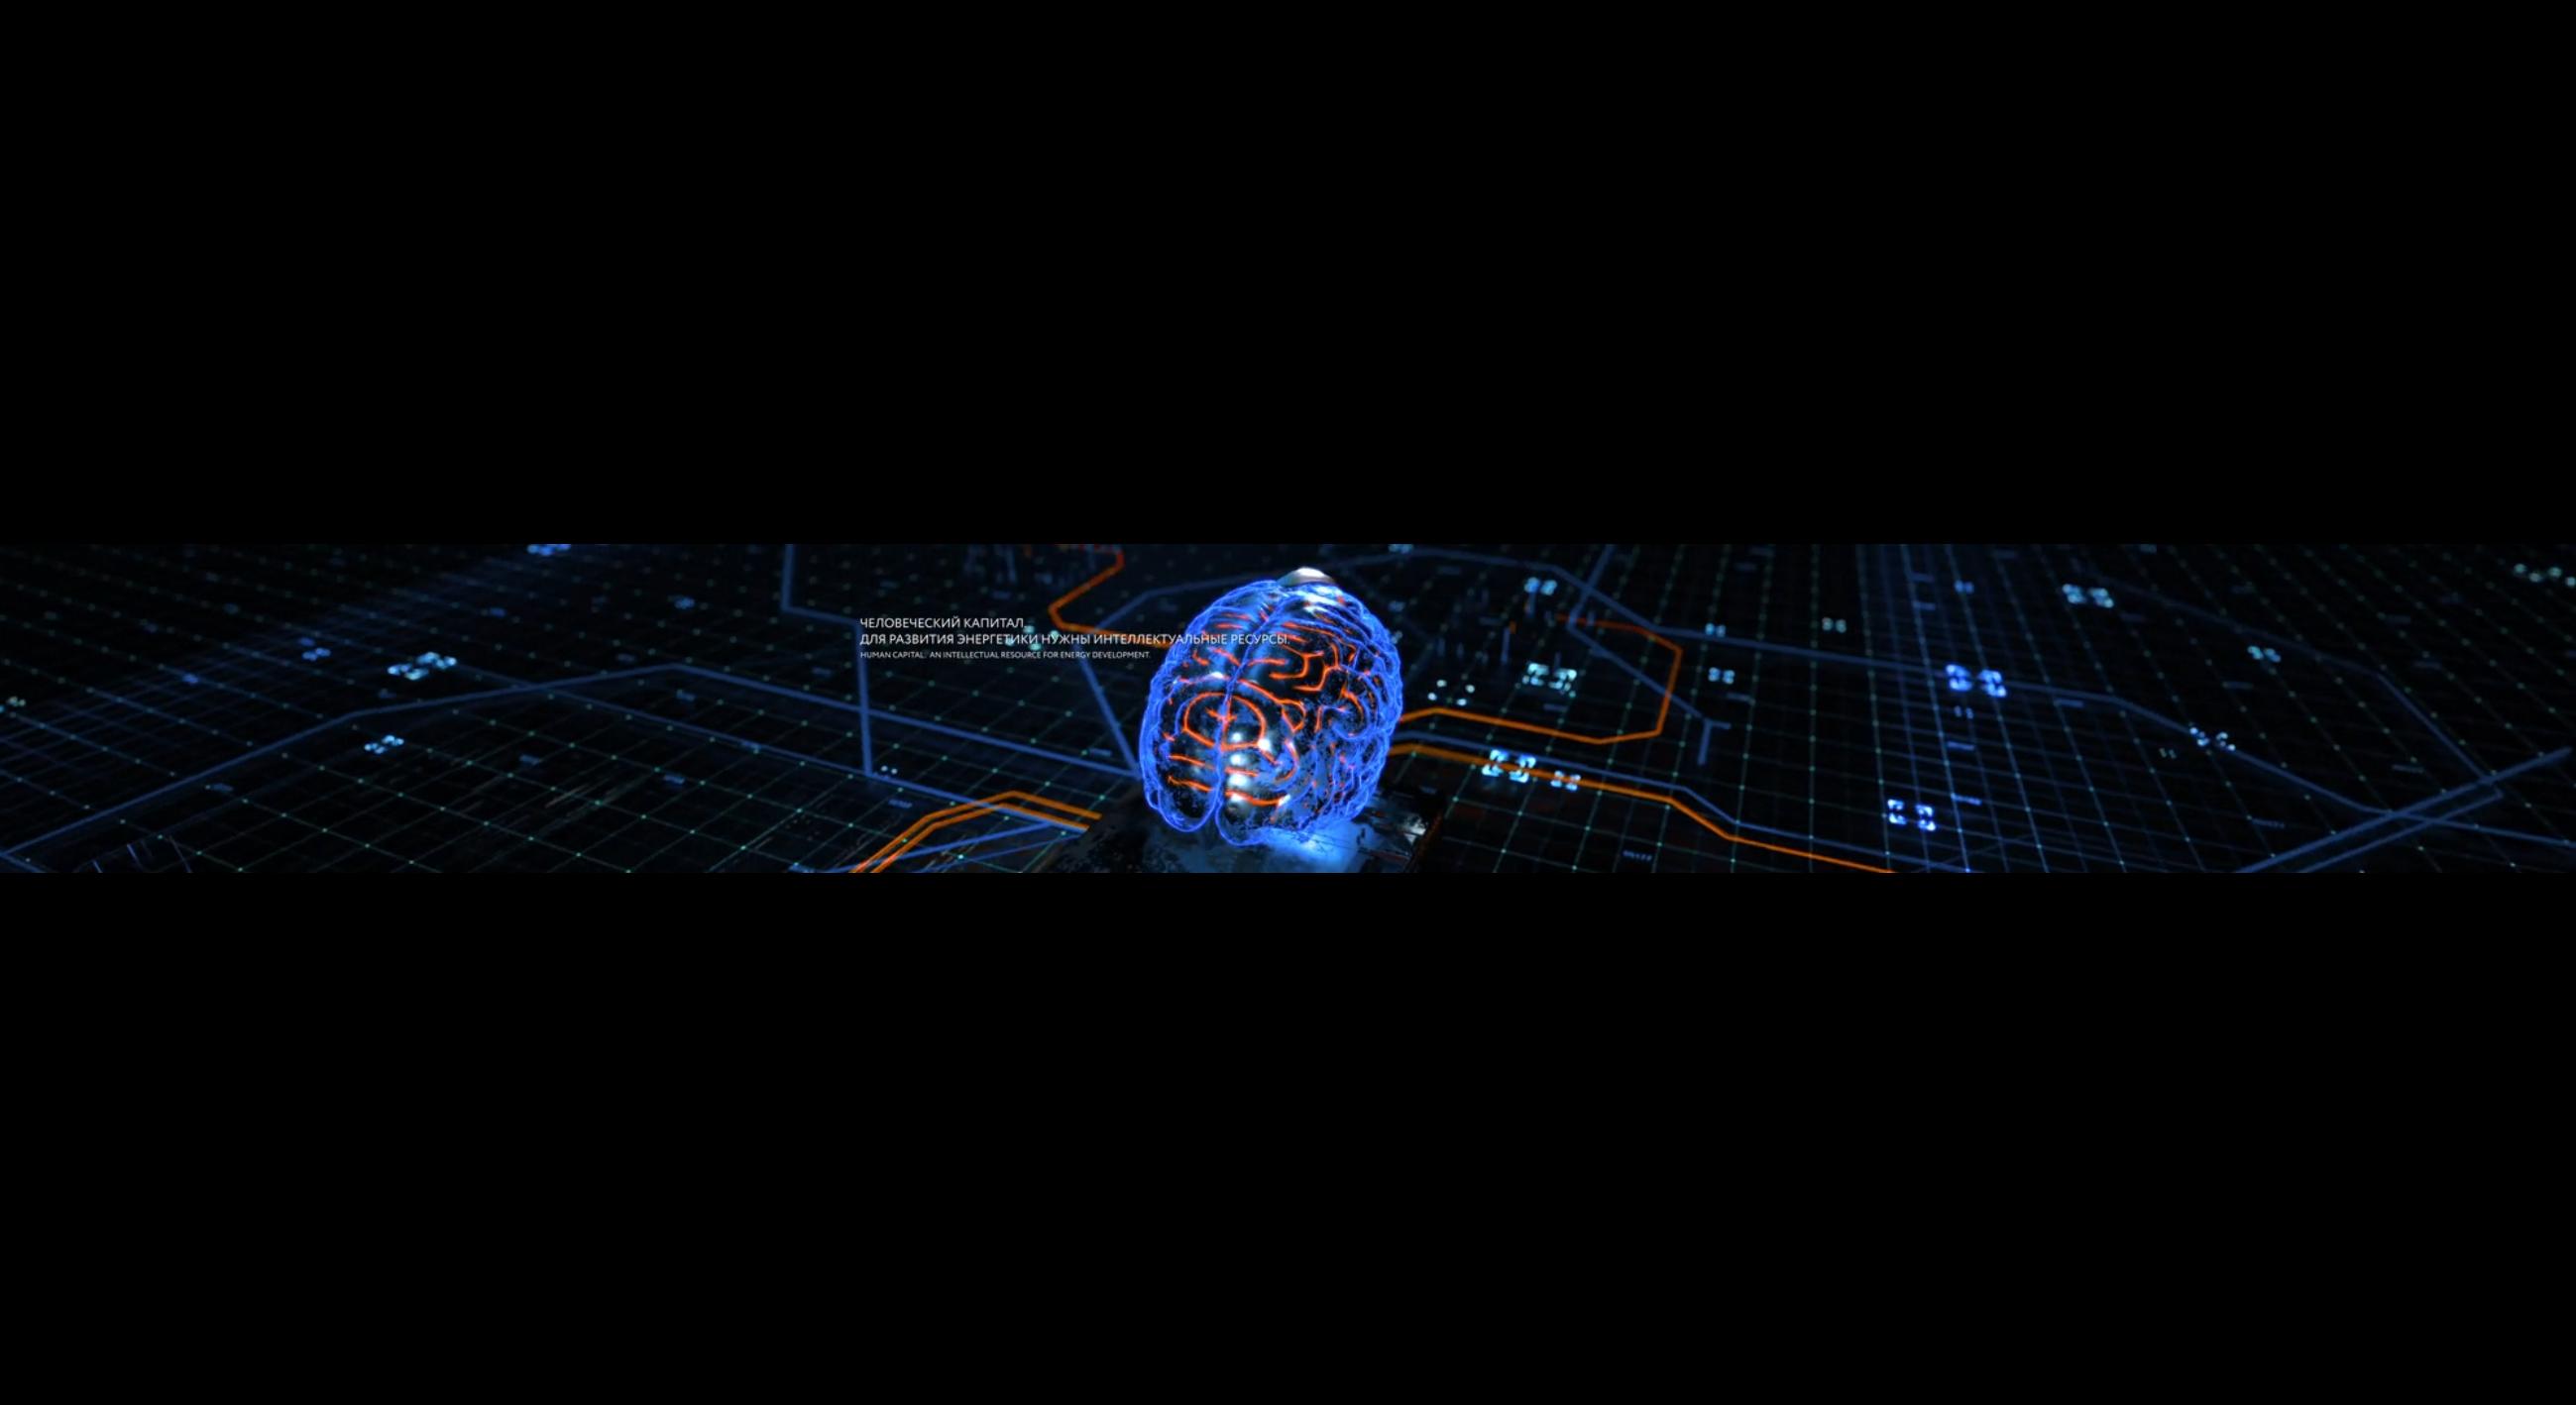 科技未来大屏开场线条AI智能未来全息